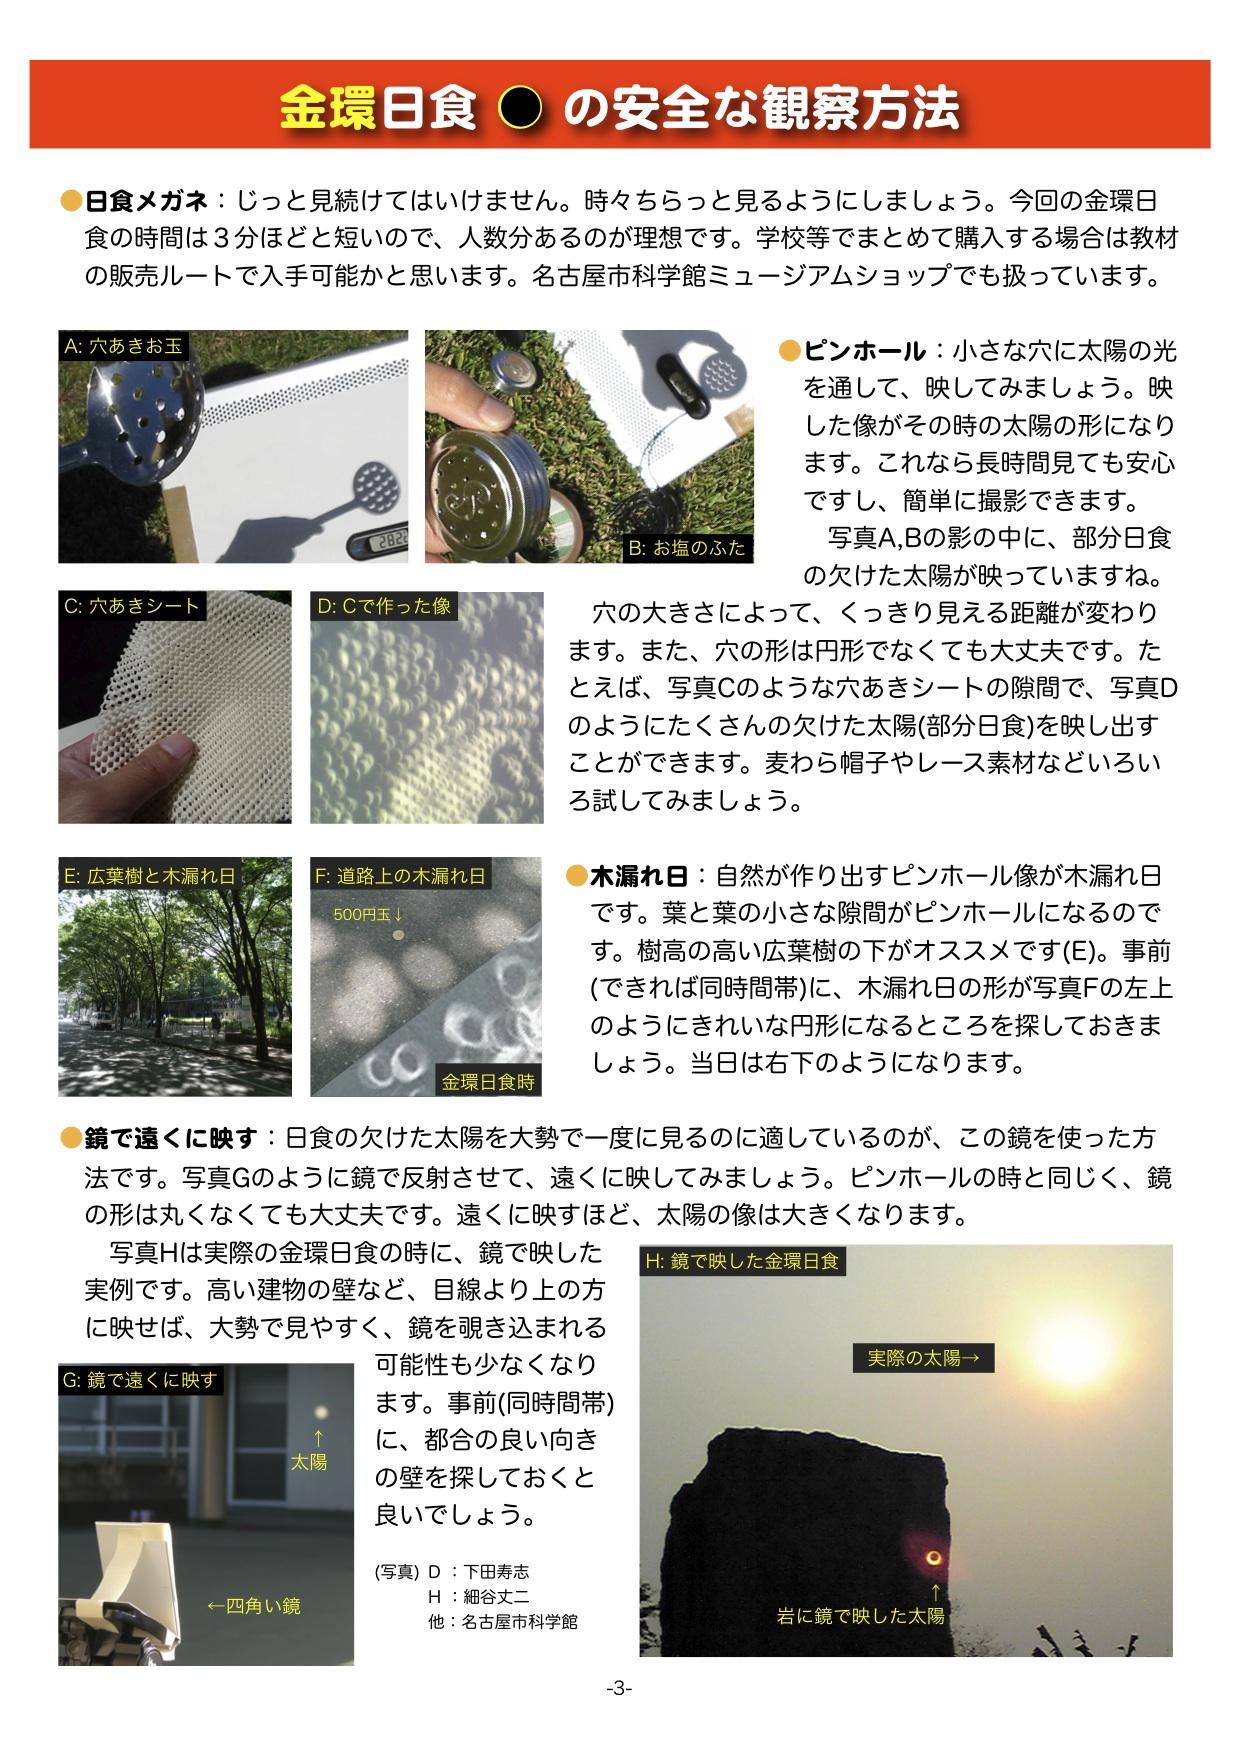 http://www.ncsm.city.nagoya.jp/study/astro/%E6%97%A5%E9%A3%9F%E9%85%8D%E5%B8%83%E8%B3%87%E6%96%99.jpg